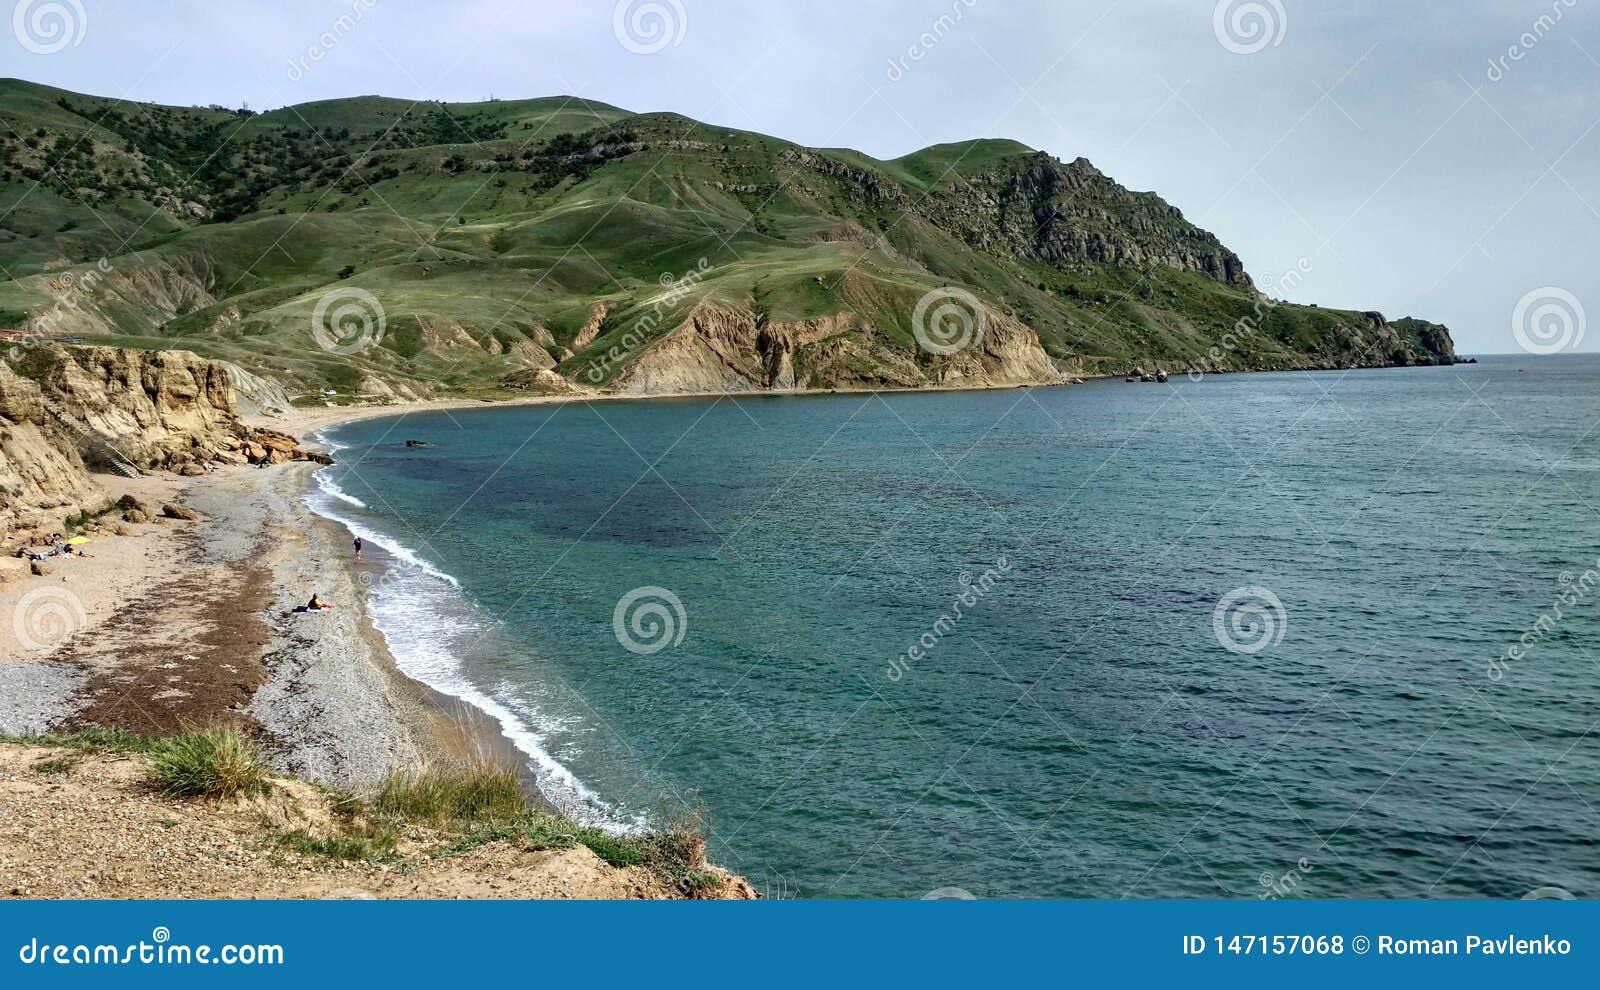 Sea coast and green cape